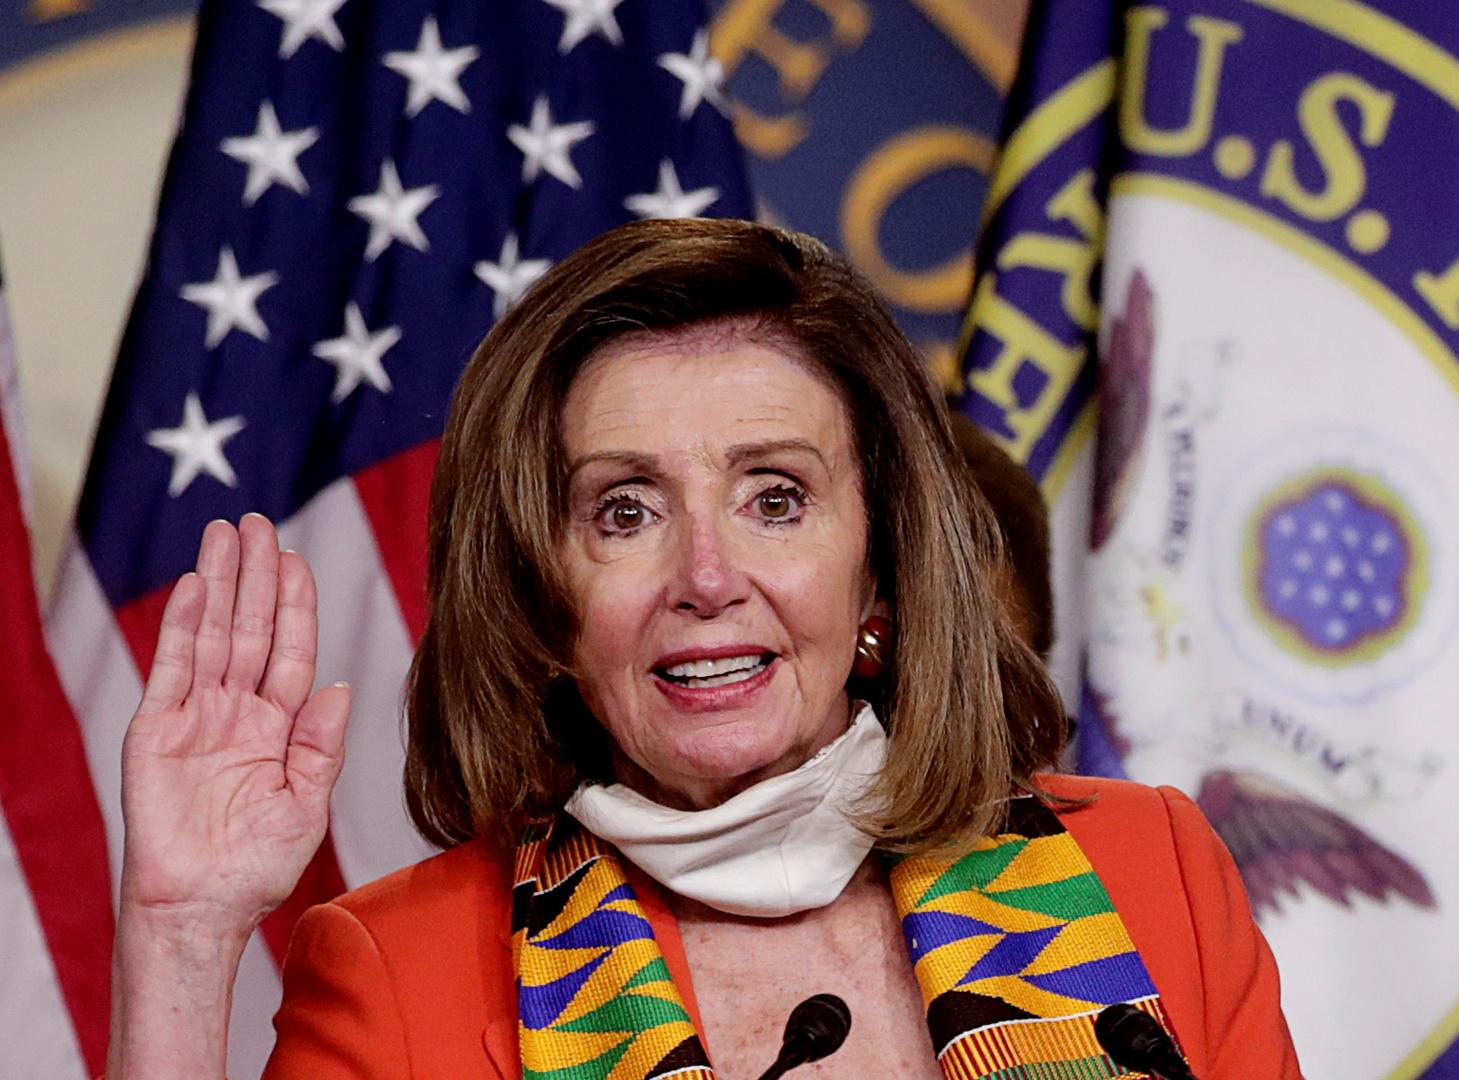 بيلوسي تطالب بإزالة 11 تمثالا لرموز الجنوب في الحرب الأهلية الأمريكية من مقر الكونغرس